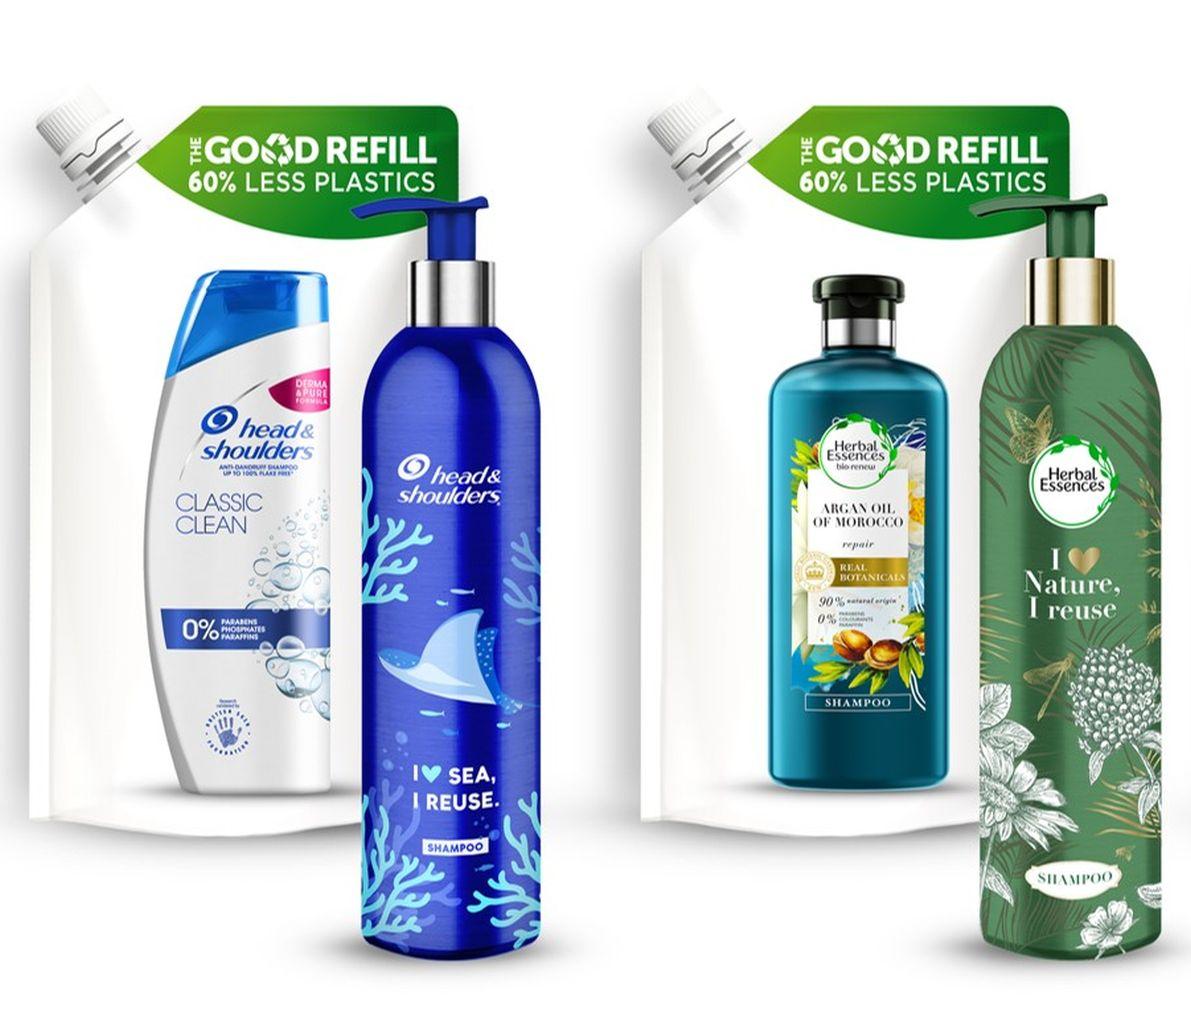 p&g, újratölthető, alumínium, környezetbarát, műanyag hulladék, műanyagmentes, Aussi, Head and Shoulders, pantene, herbal, rúzs és más